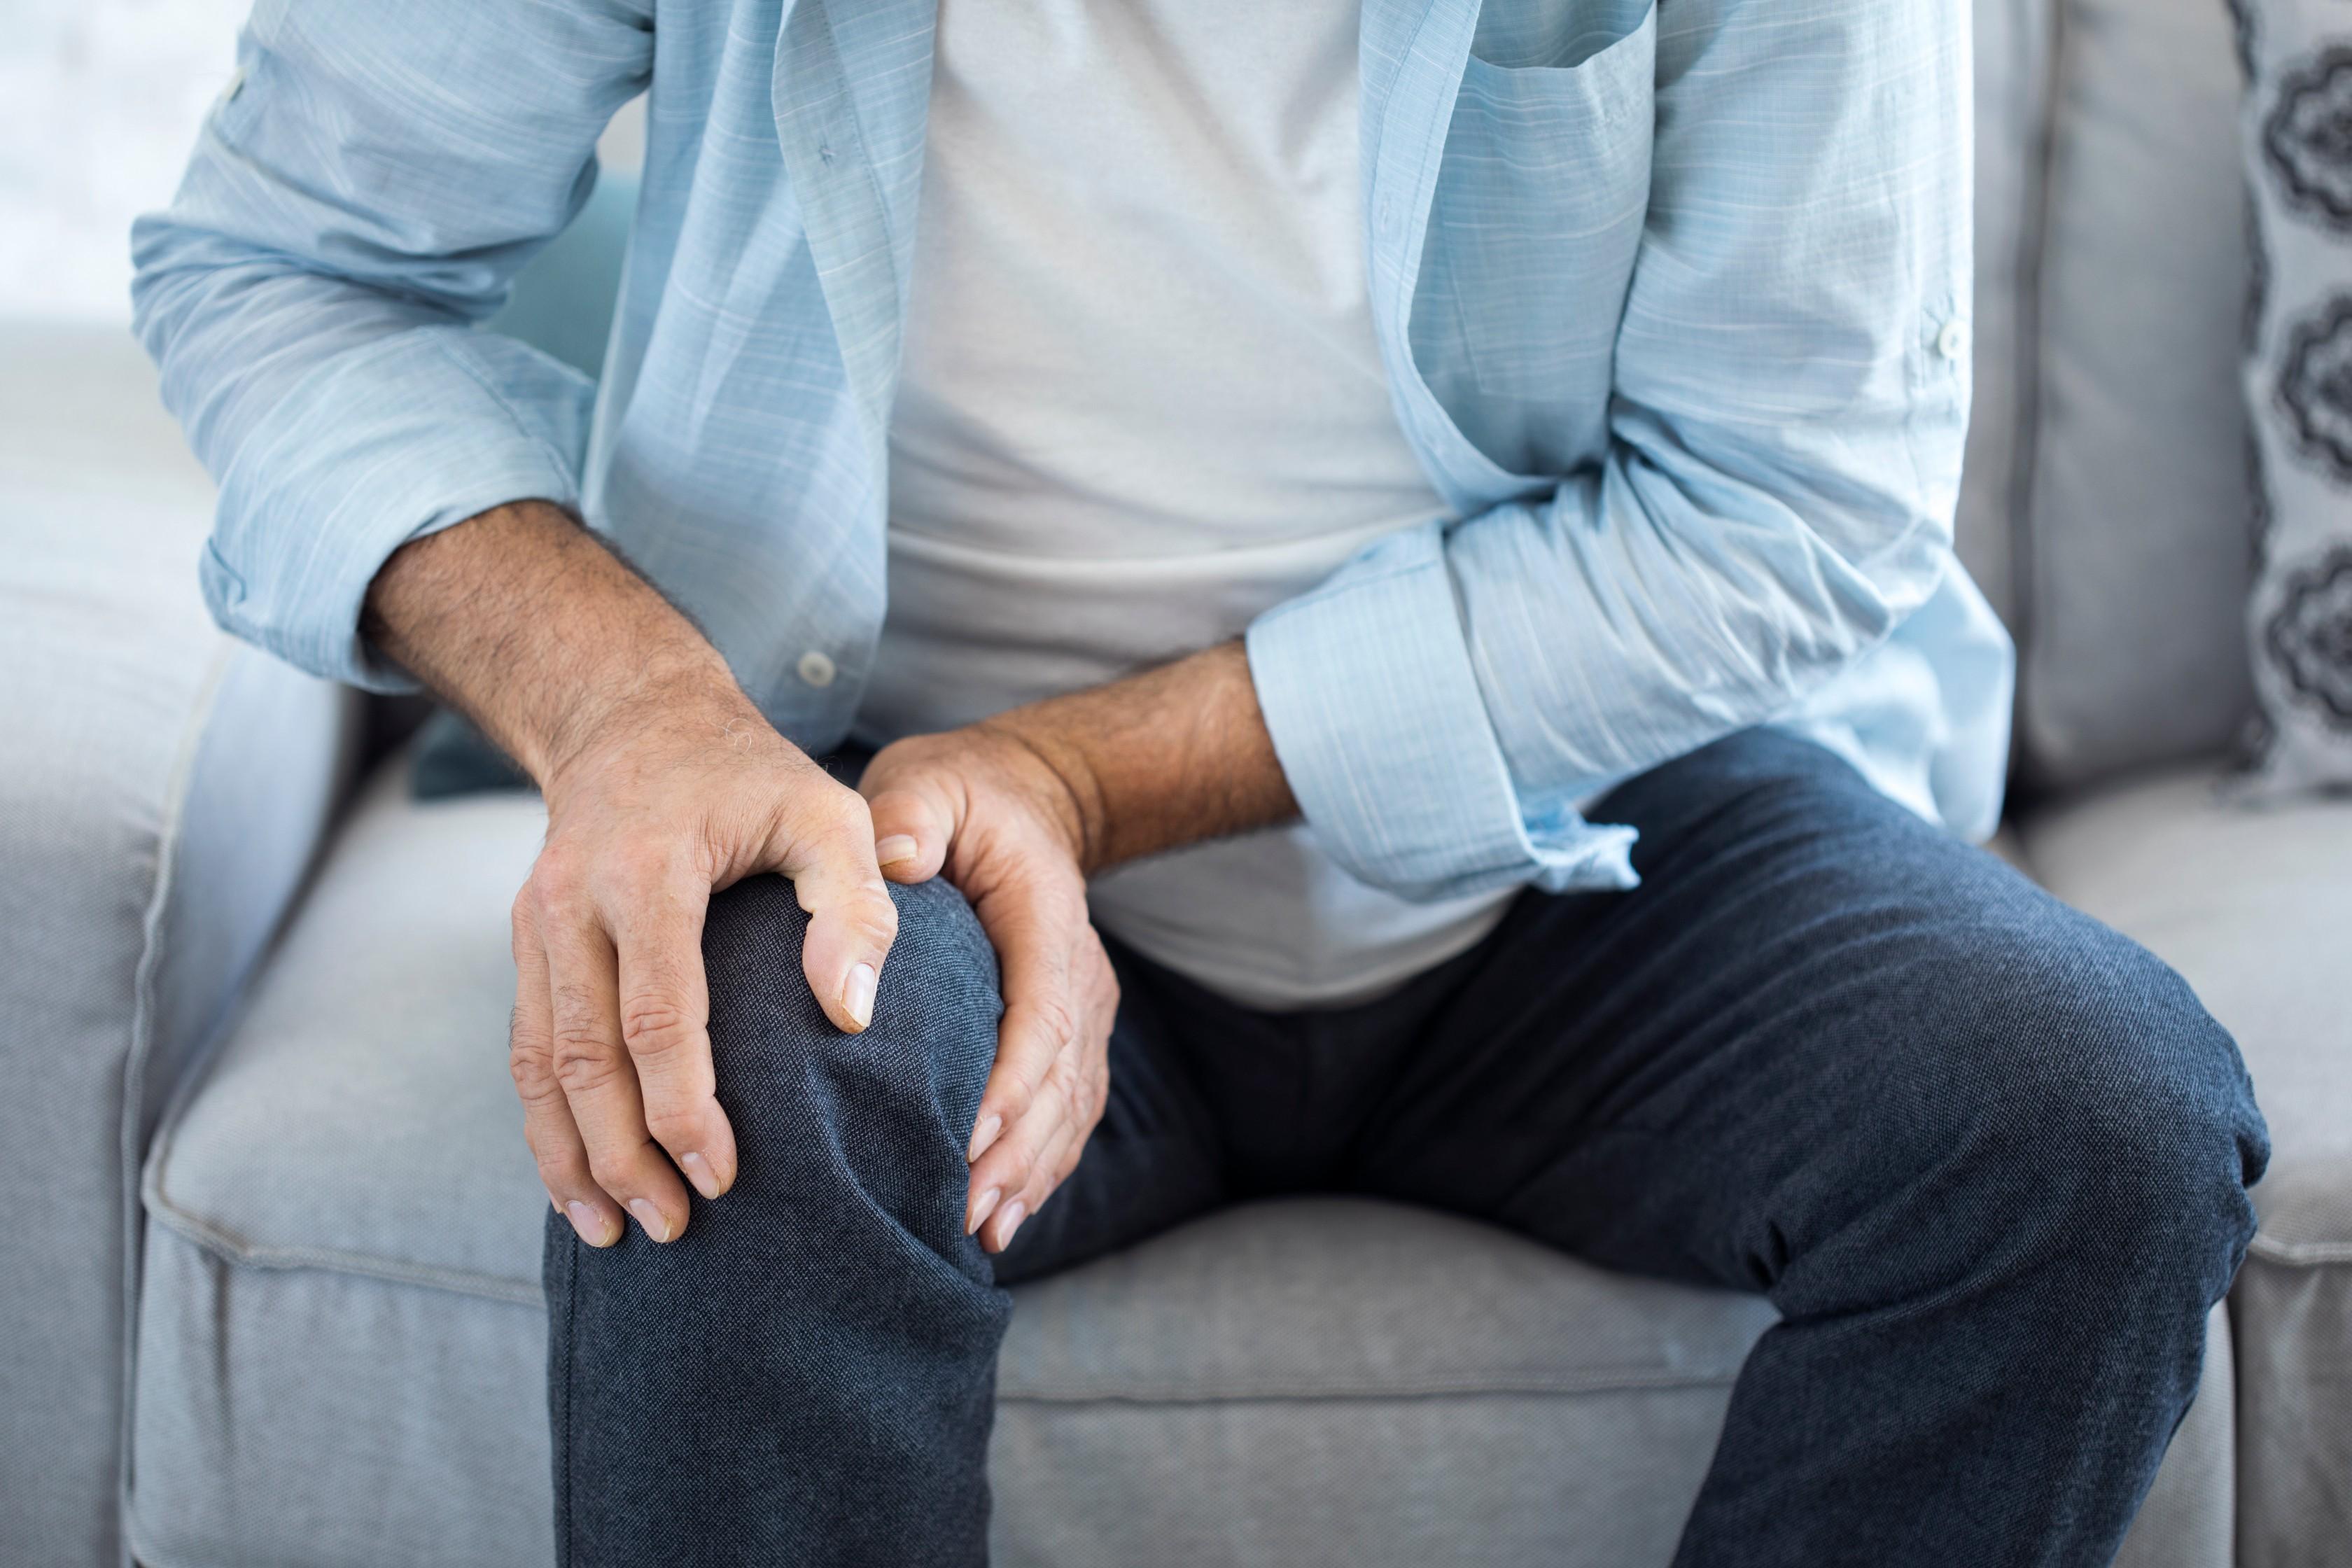 erekció után jelentkező fájdalom a perineumban befolyásolja az erekciót